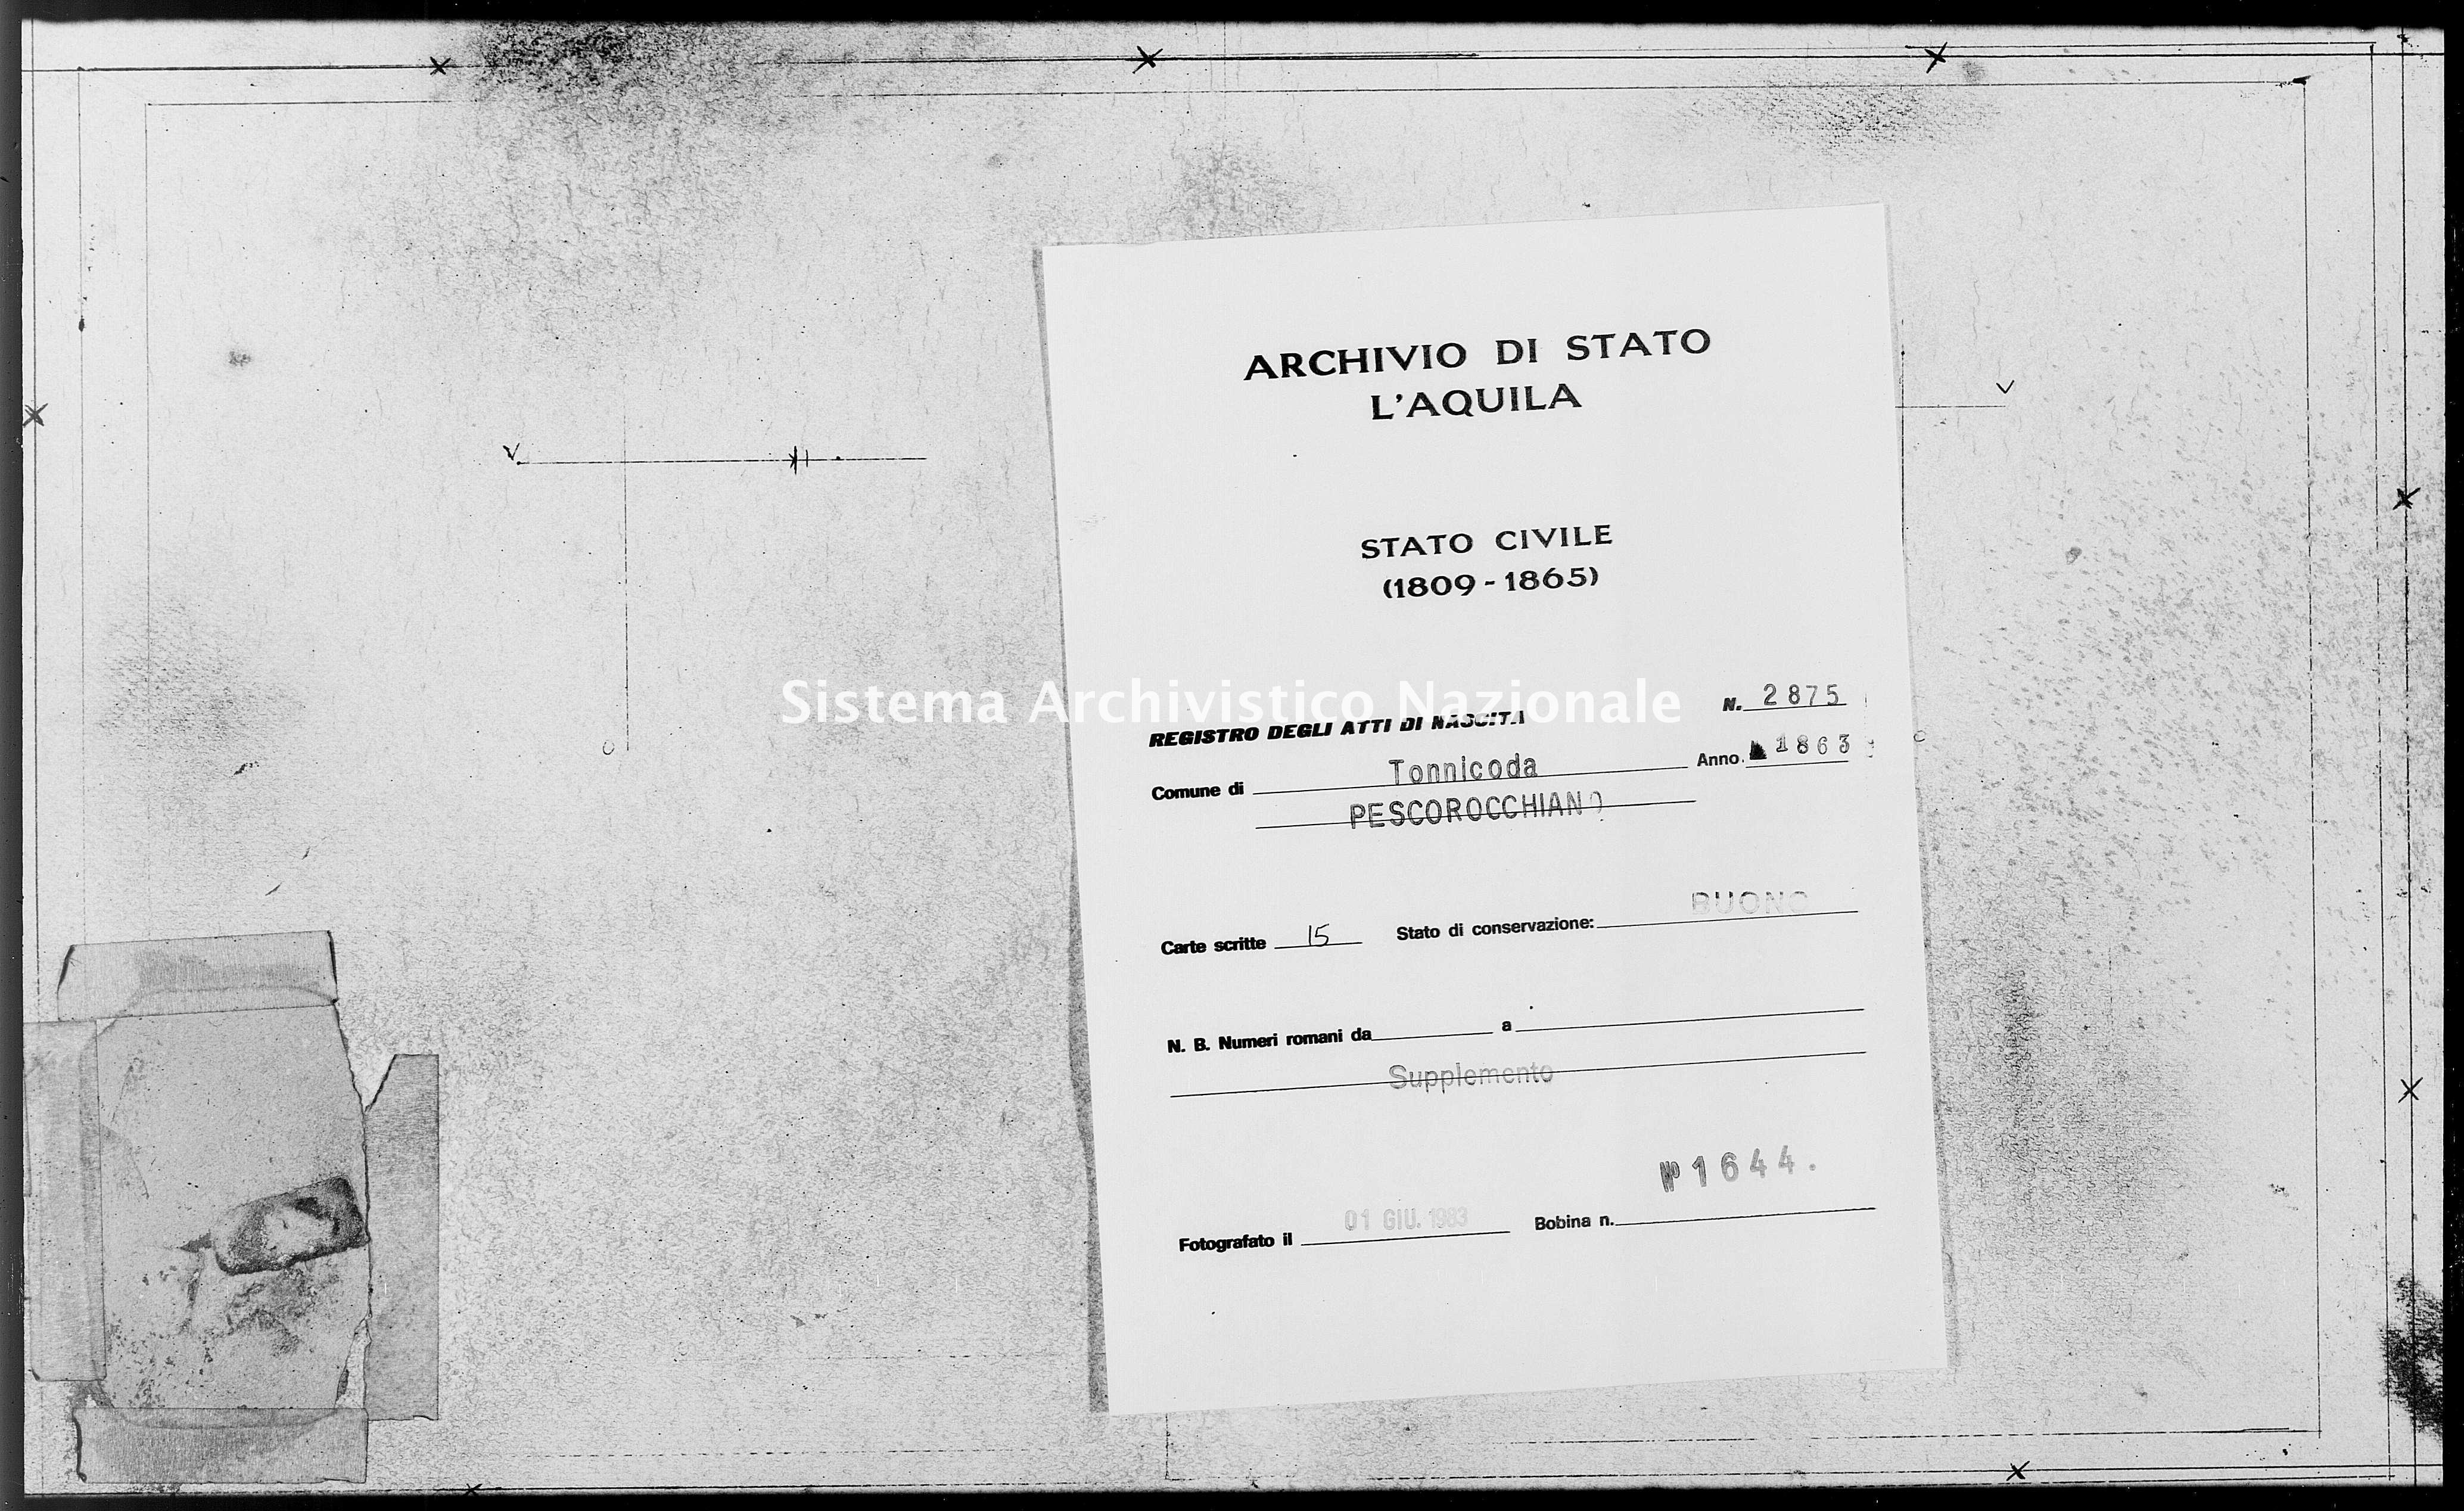 Archivio di stato di L'aquila - Stato civile italiano - Tonnicoda - Nati, battesimi - 1863 - 2875 -